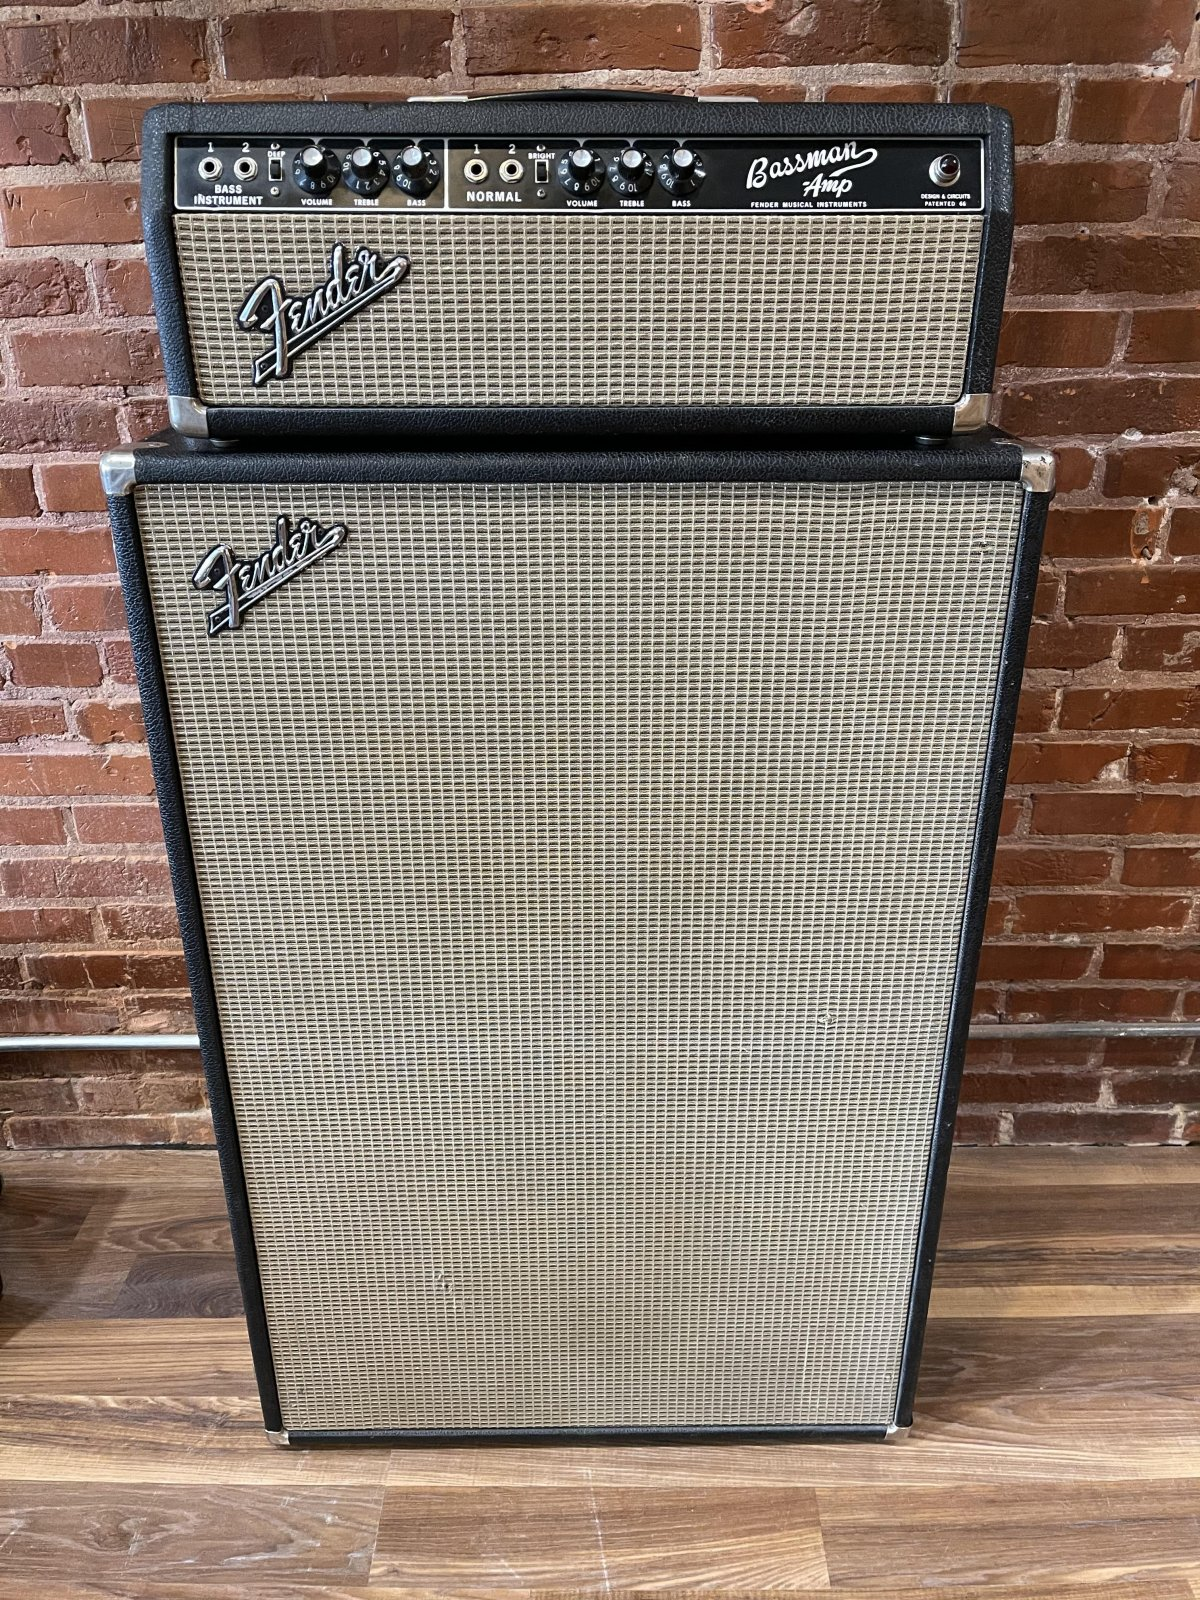 1967 Fender Bassman Amplifier